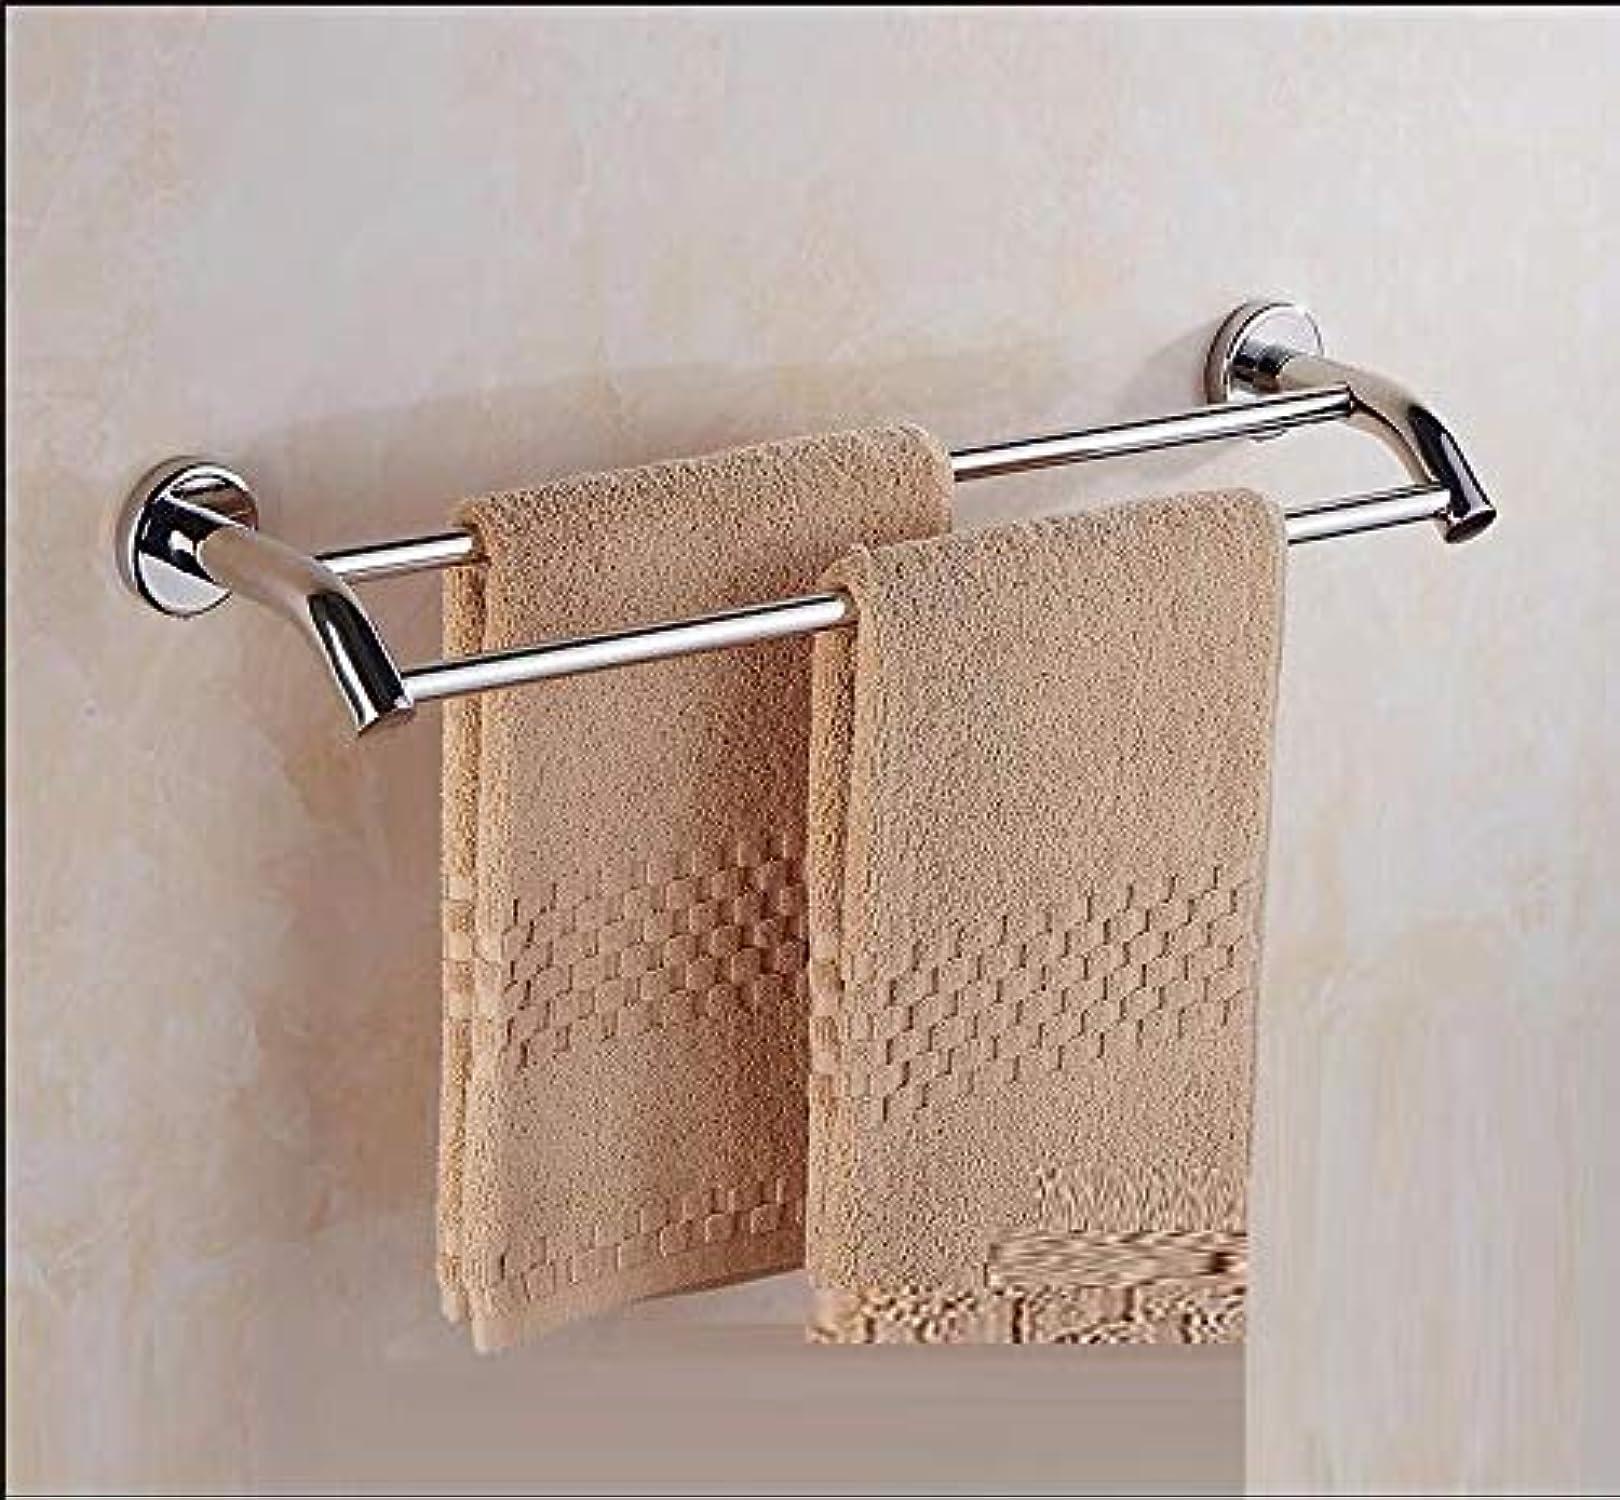 venta al por mayor barato Barra de toalla toalla toalla de acero inoxidable 304 bao accesorios doble polo 40CM Toalla colgando  genuina alta calidad